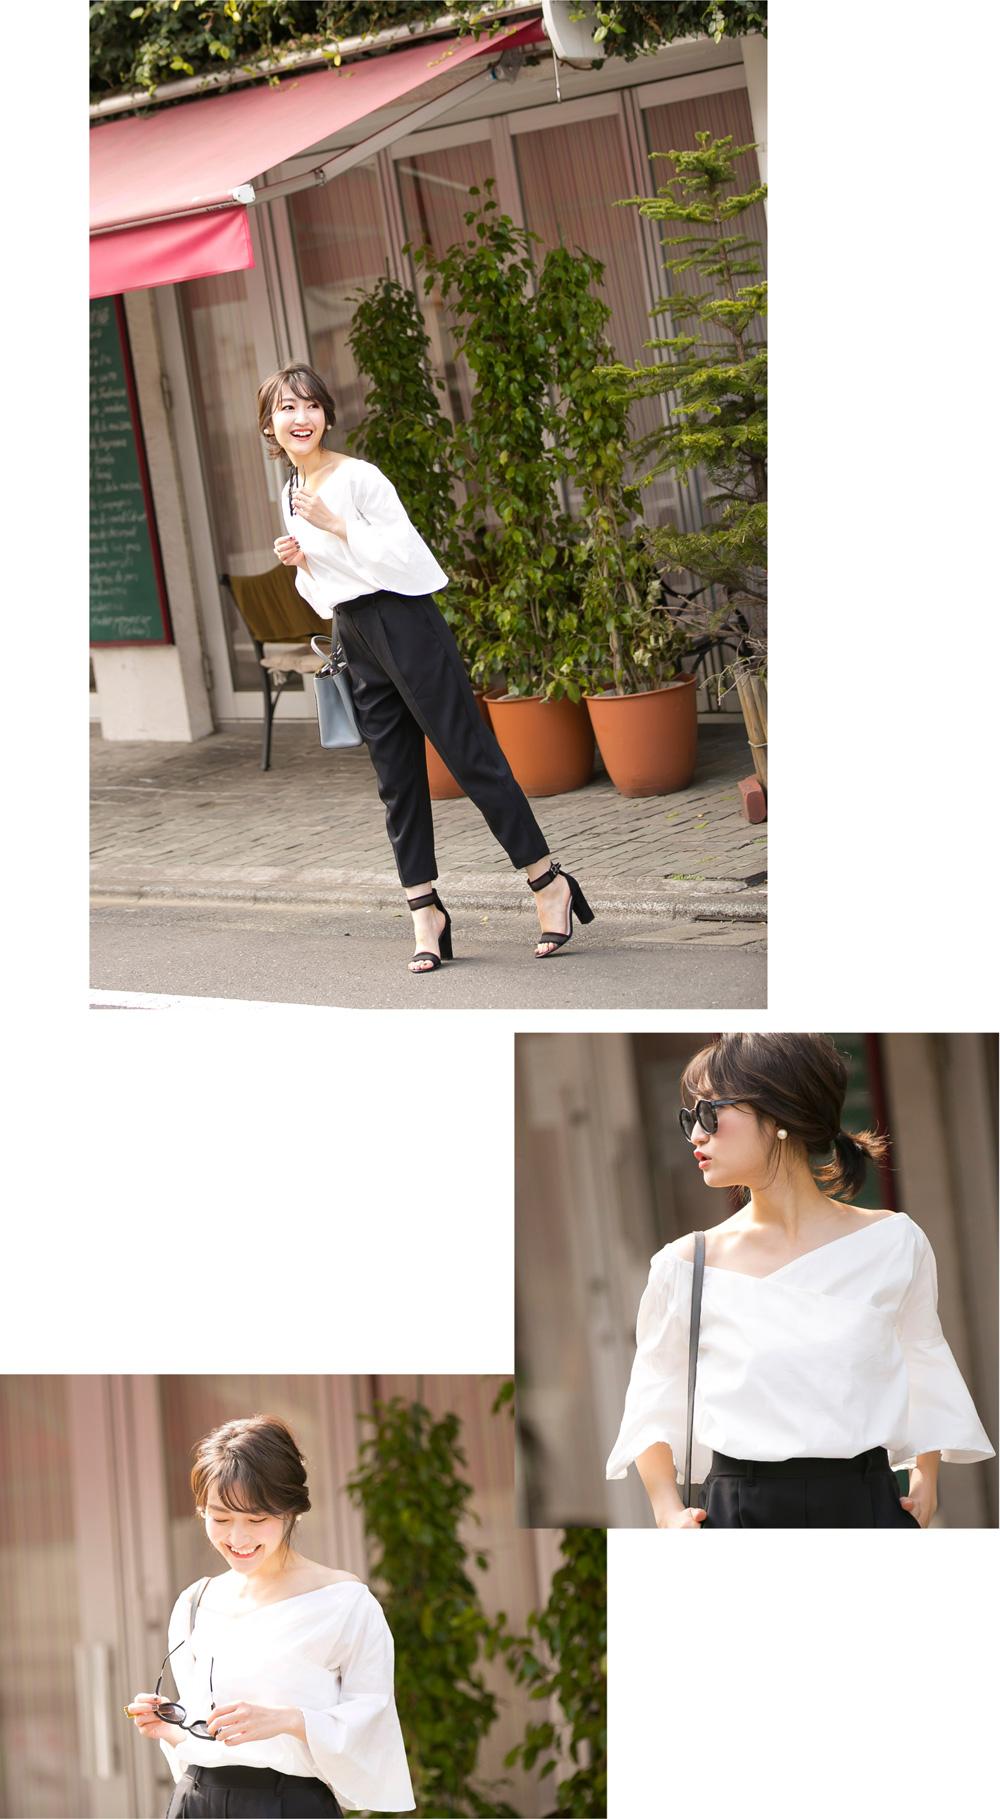 金子真紀さん提案「憧れの女性像になれるコーデ2」